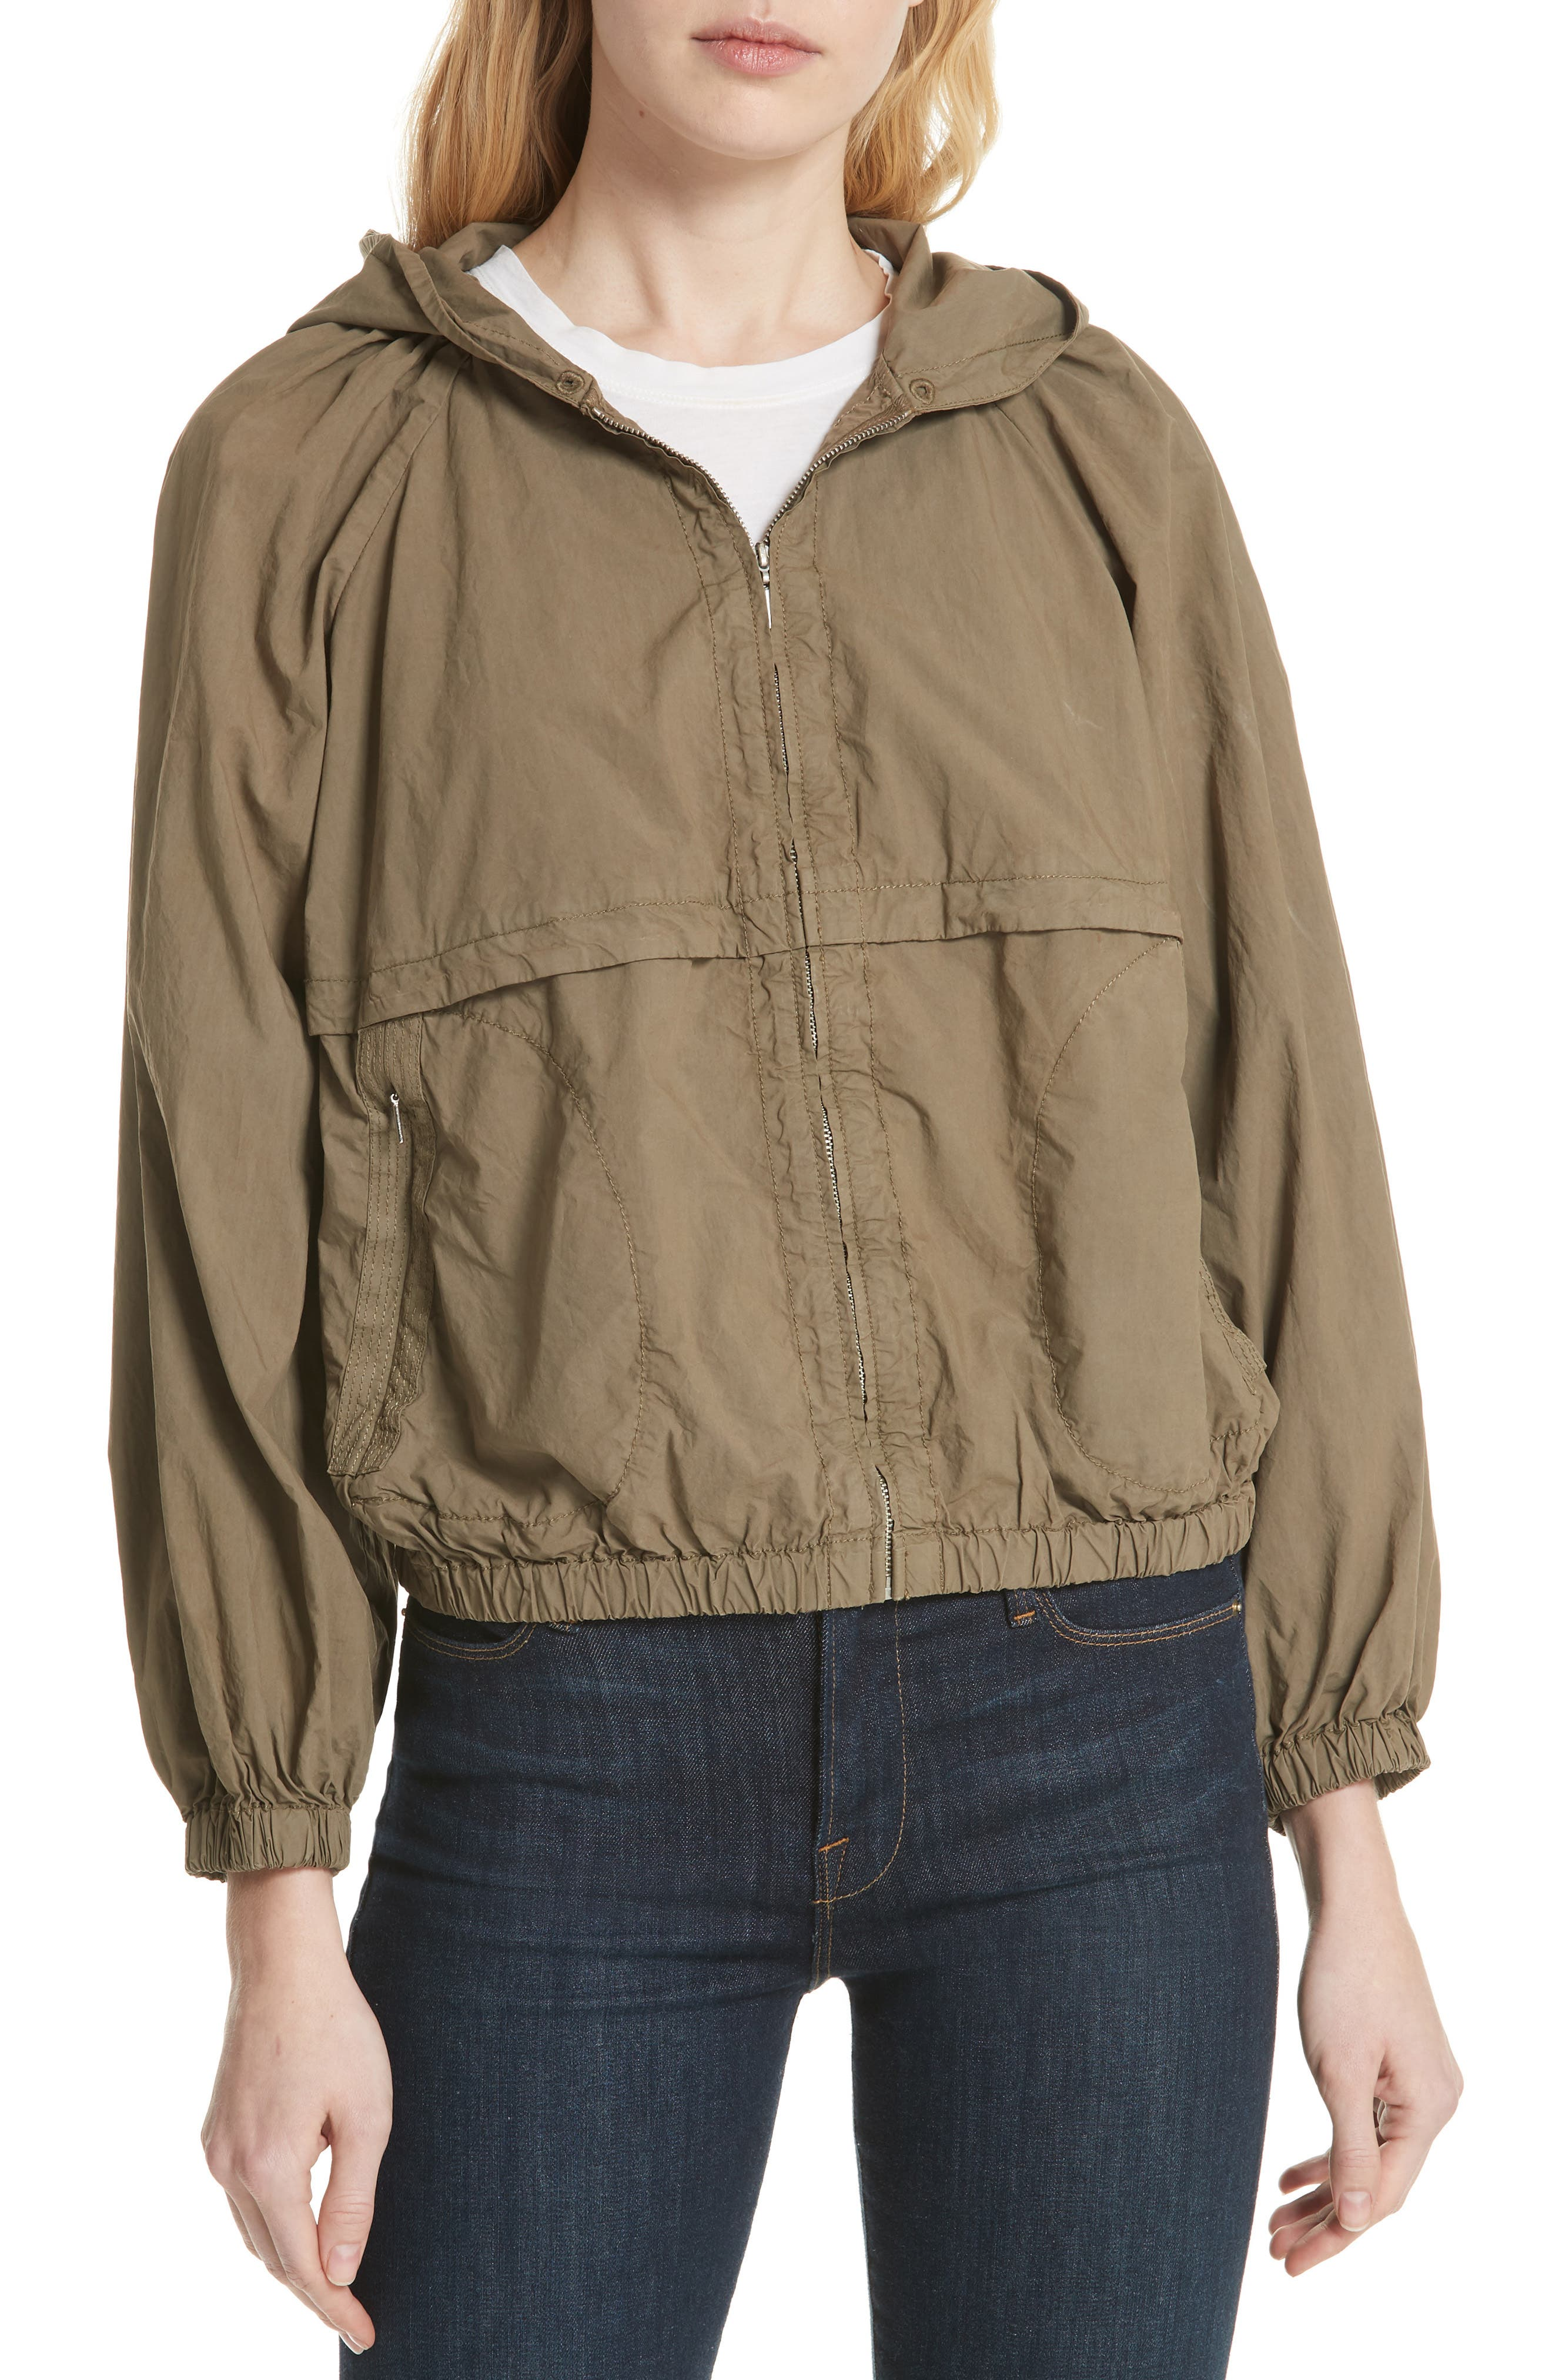 La Vie Rebecca Taylor Parachute Cotton Jacket